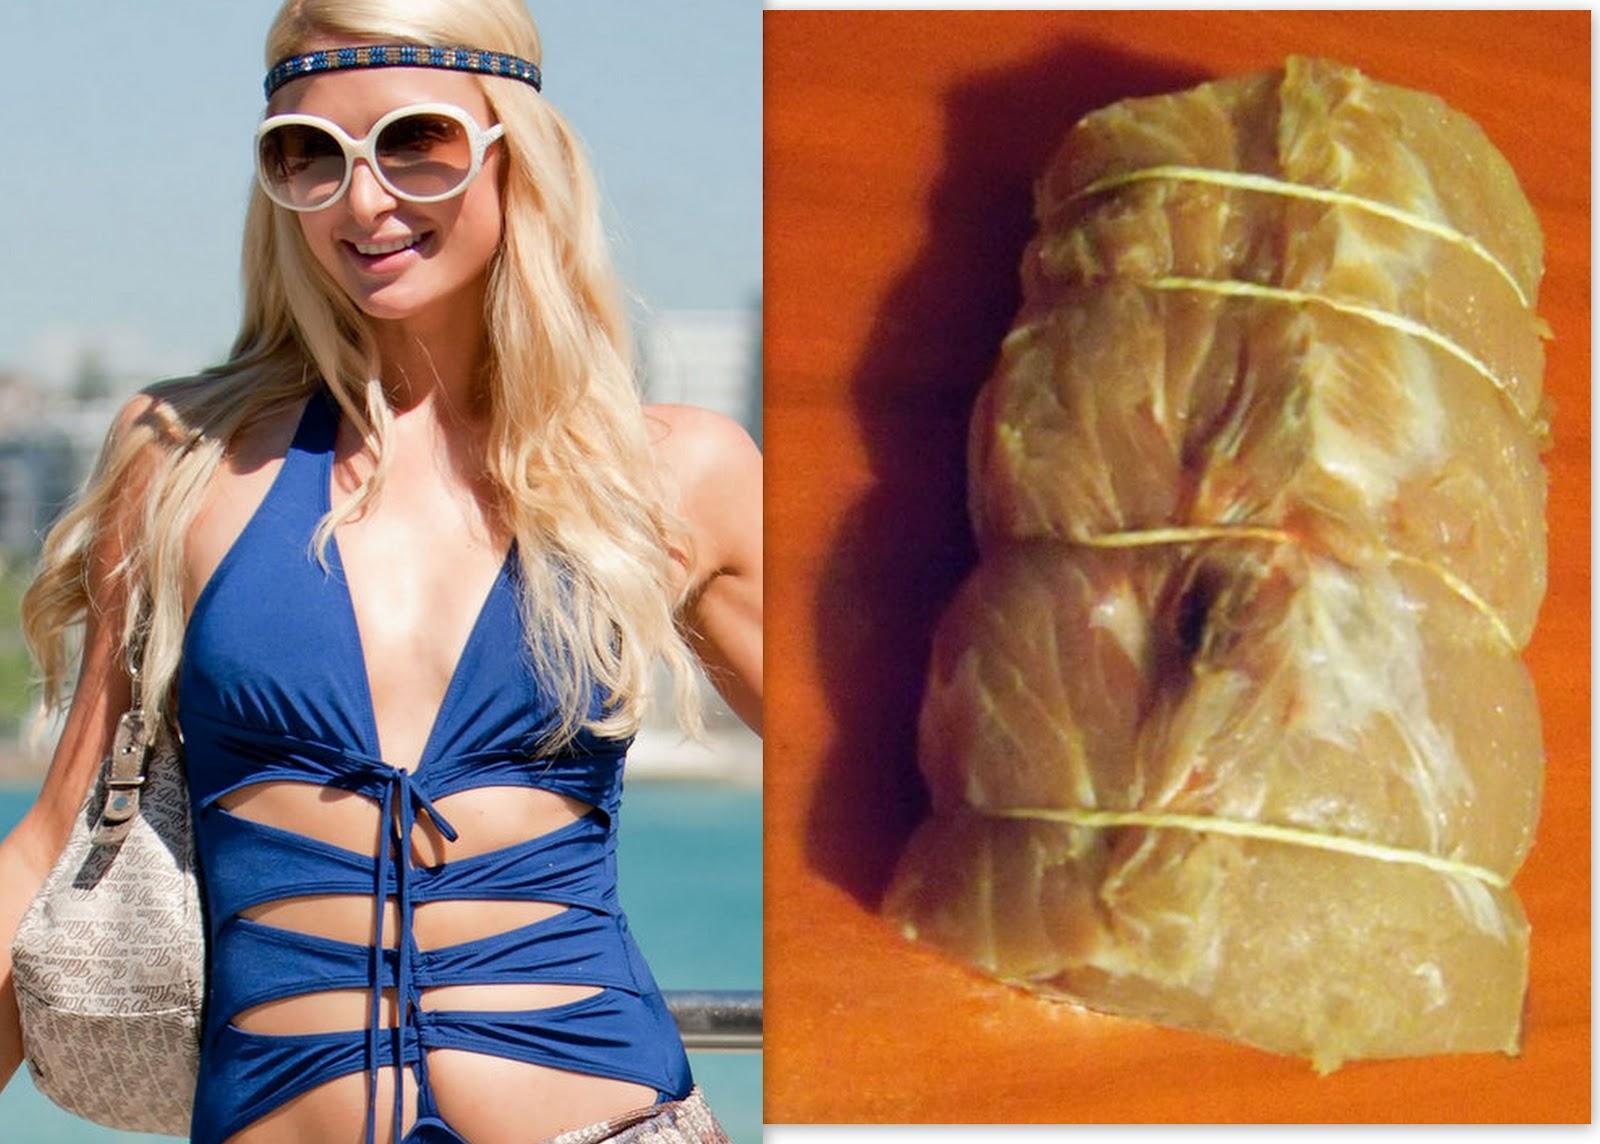 Paris Hilton looks good enough